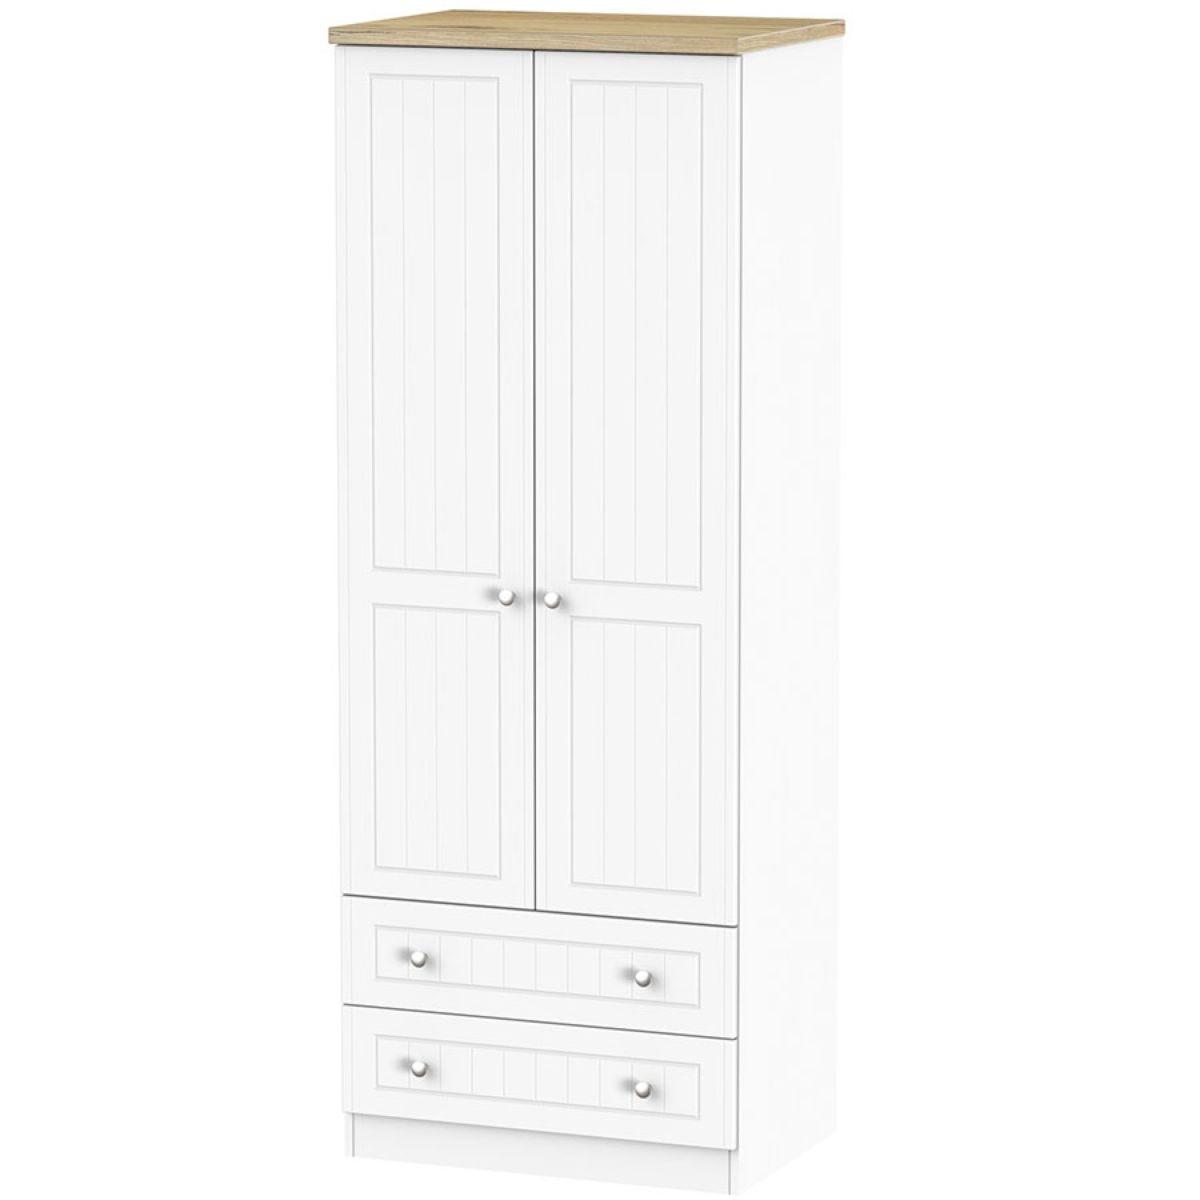 Wilcox 2-Door Wardrobe with Drawers - Porcelain Ash